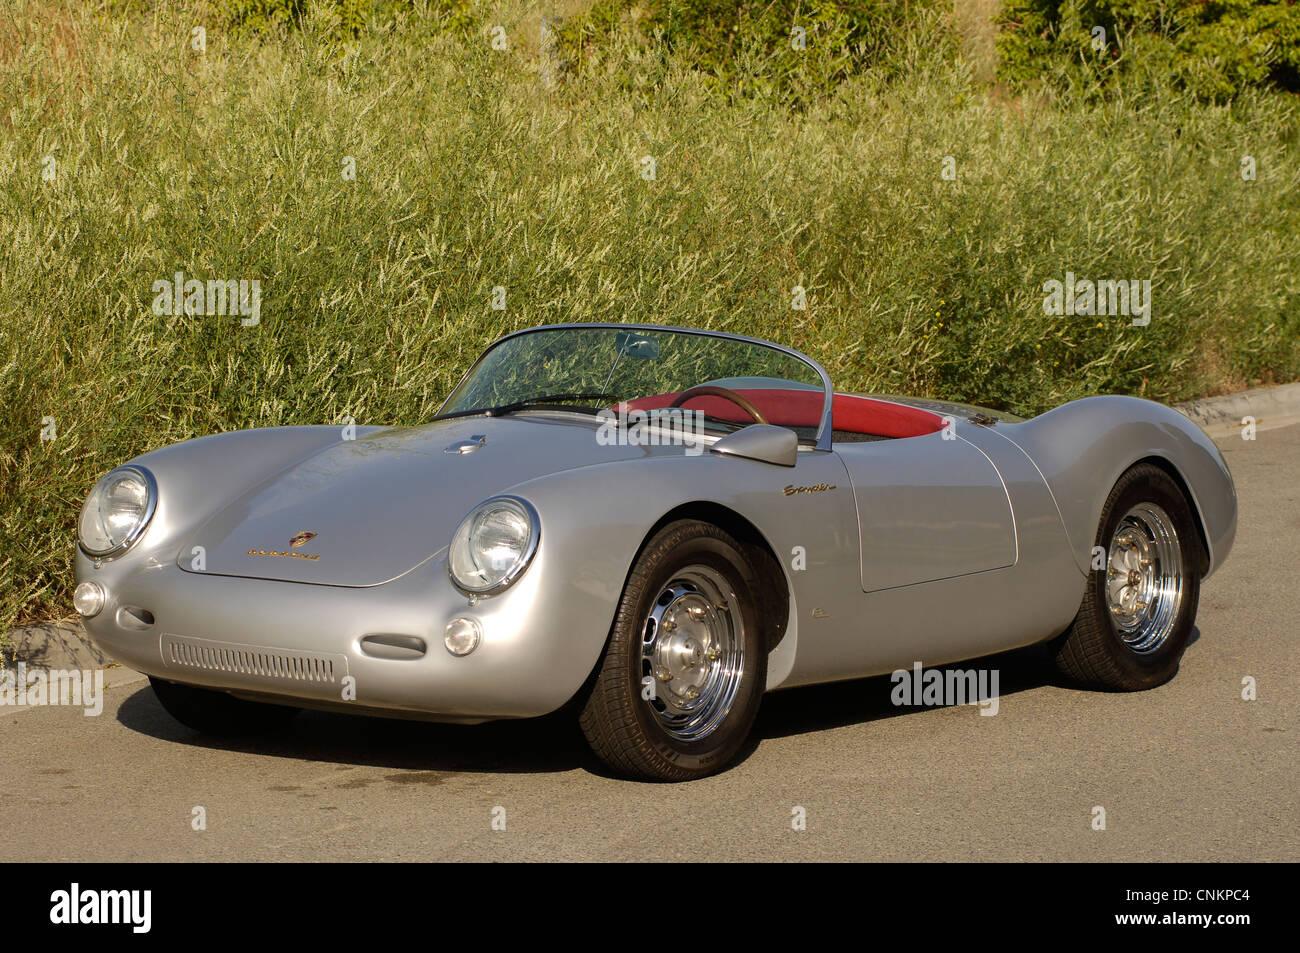 Porsche 550 Spyder James Dean Replica Stock Photo Royalty